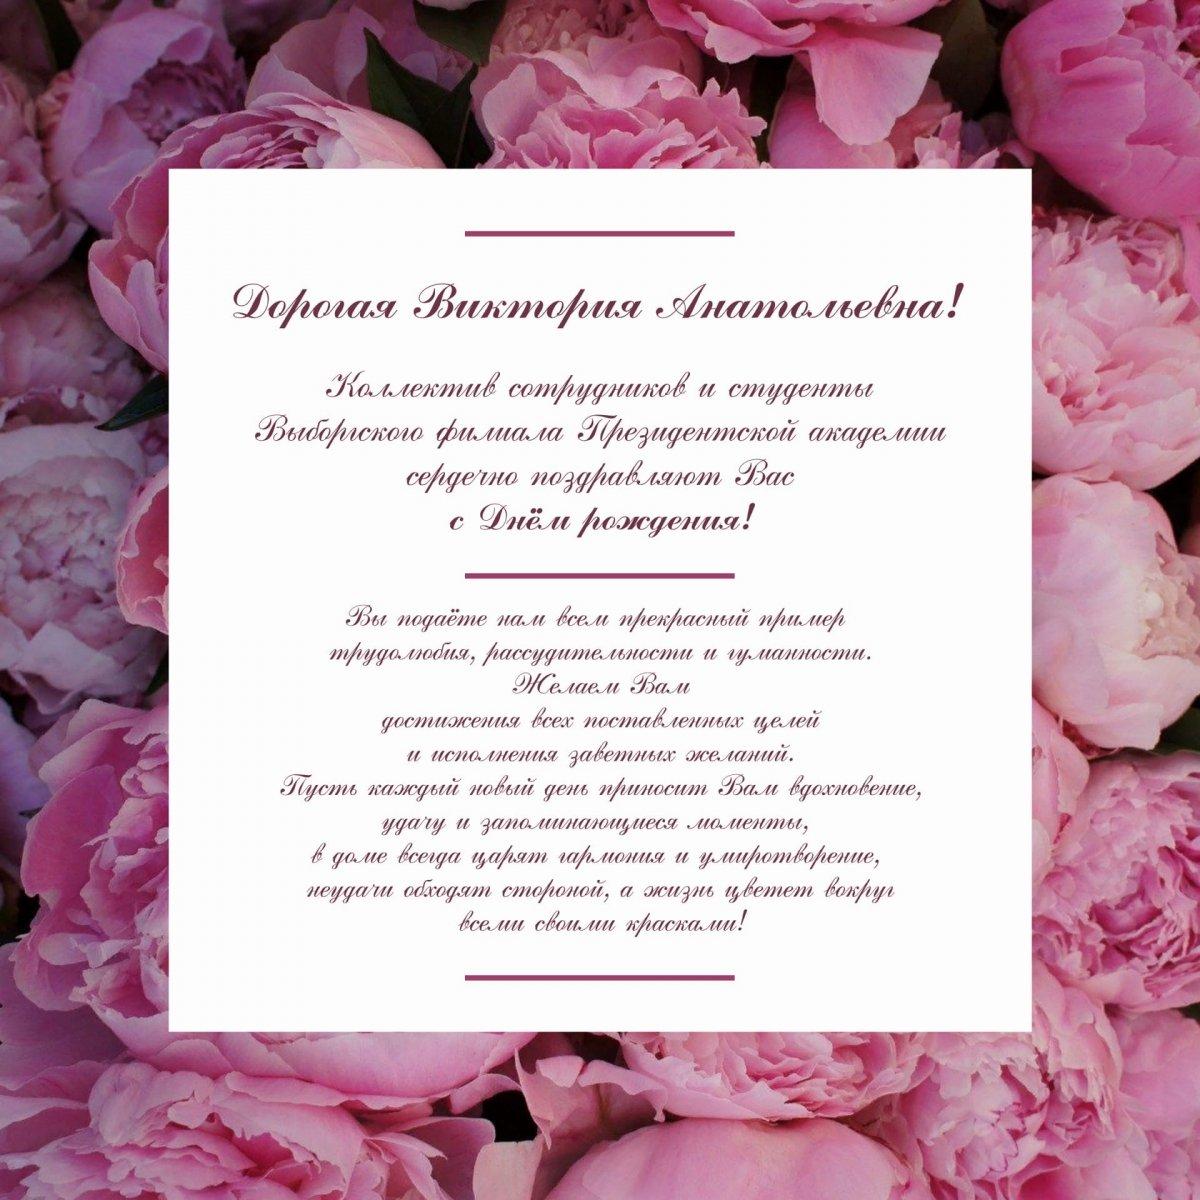 Сегодня День рождения у директора Выборгского филиала Президентской академии Виктории Анатольевны Иваненко ❤️